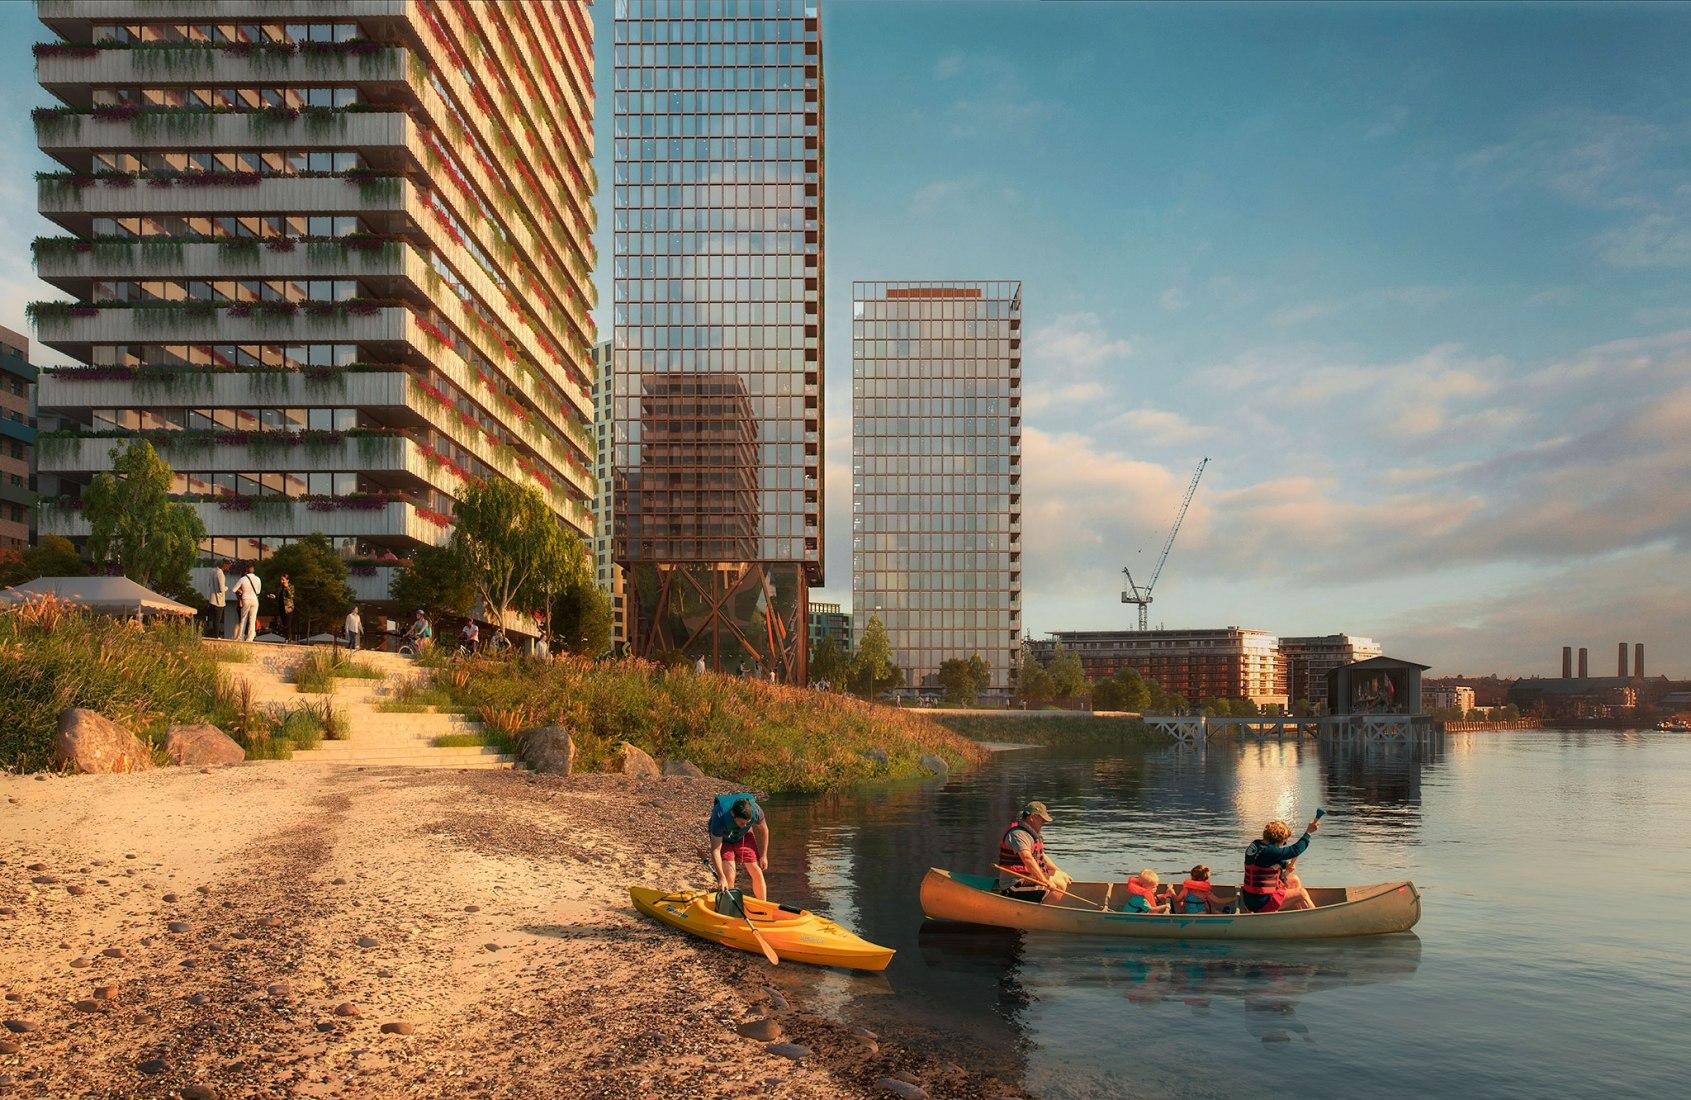 Plan maestro para Morden Wharf por OMA/Reiner De Graaf. Imagen de Pixelflakes, cortesía de OMA